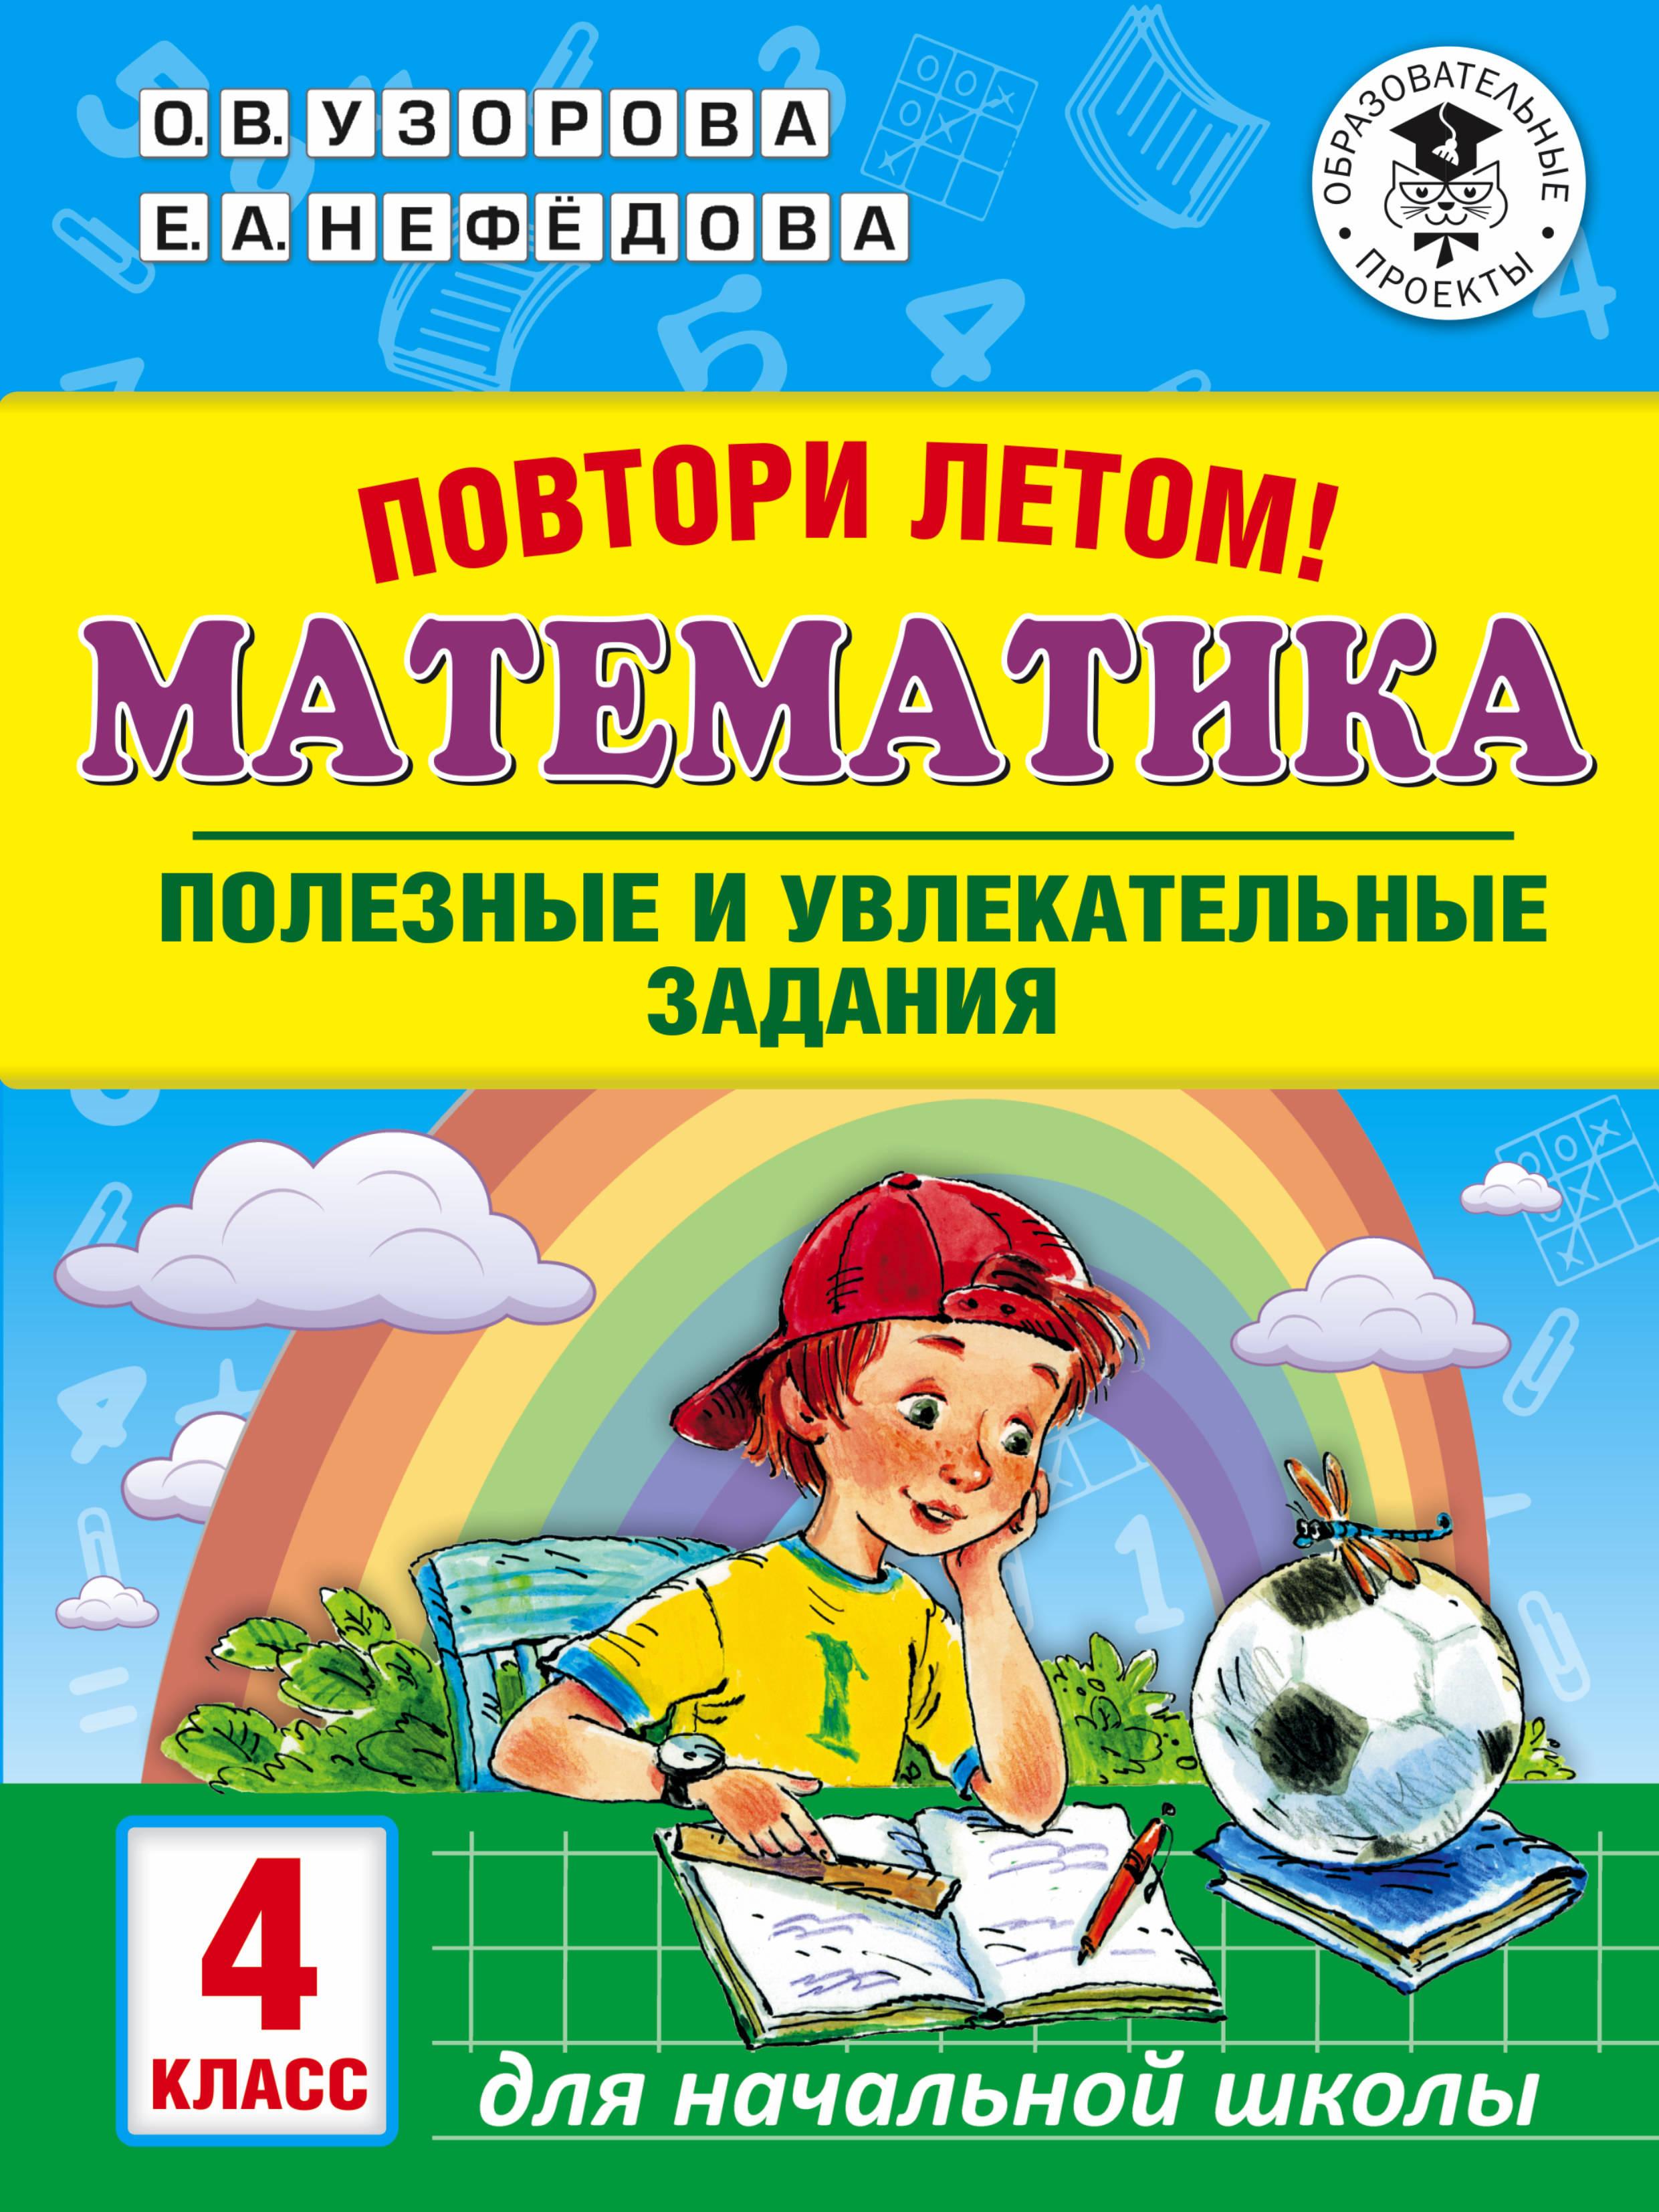 Повтори летом! Математика. Полезные и увлекательные задания. 4 класс ( Узорова О.В., Нефедова Е.А.  )